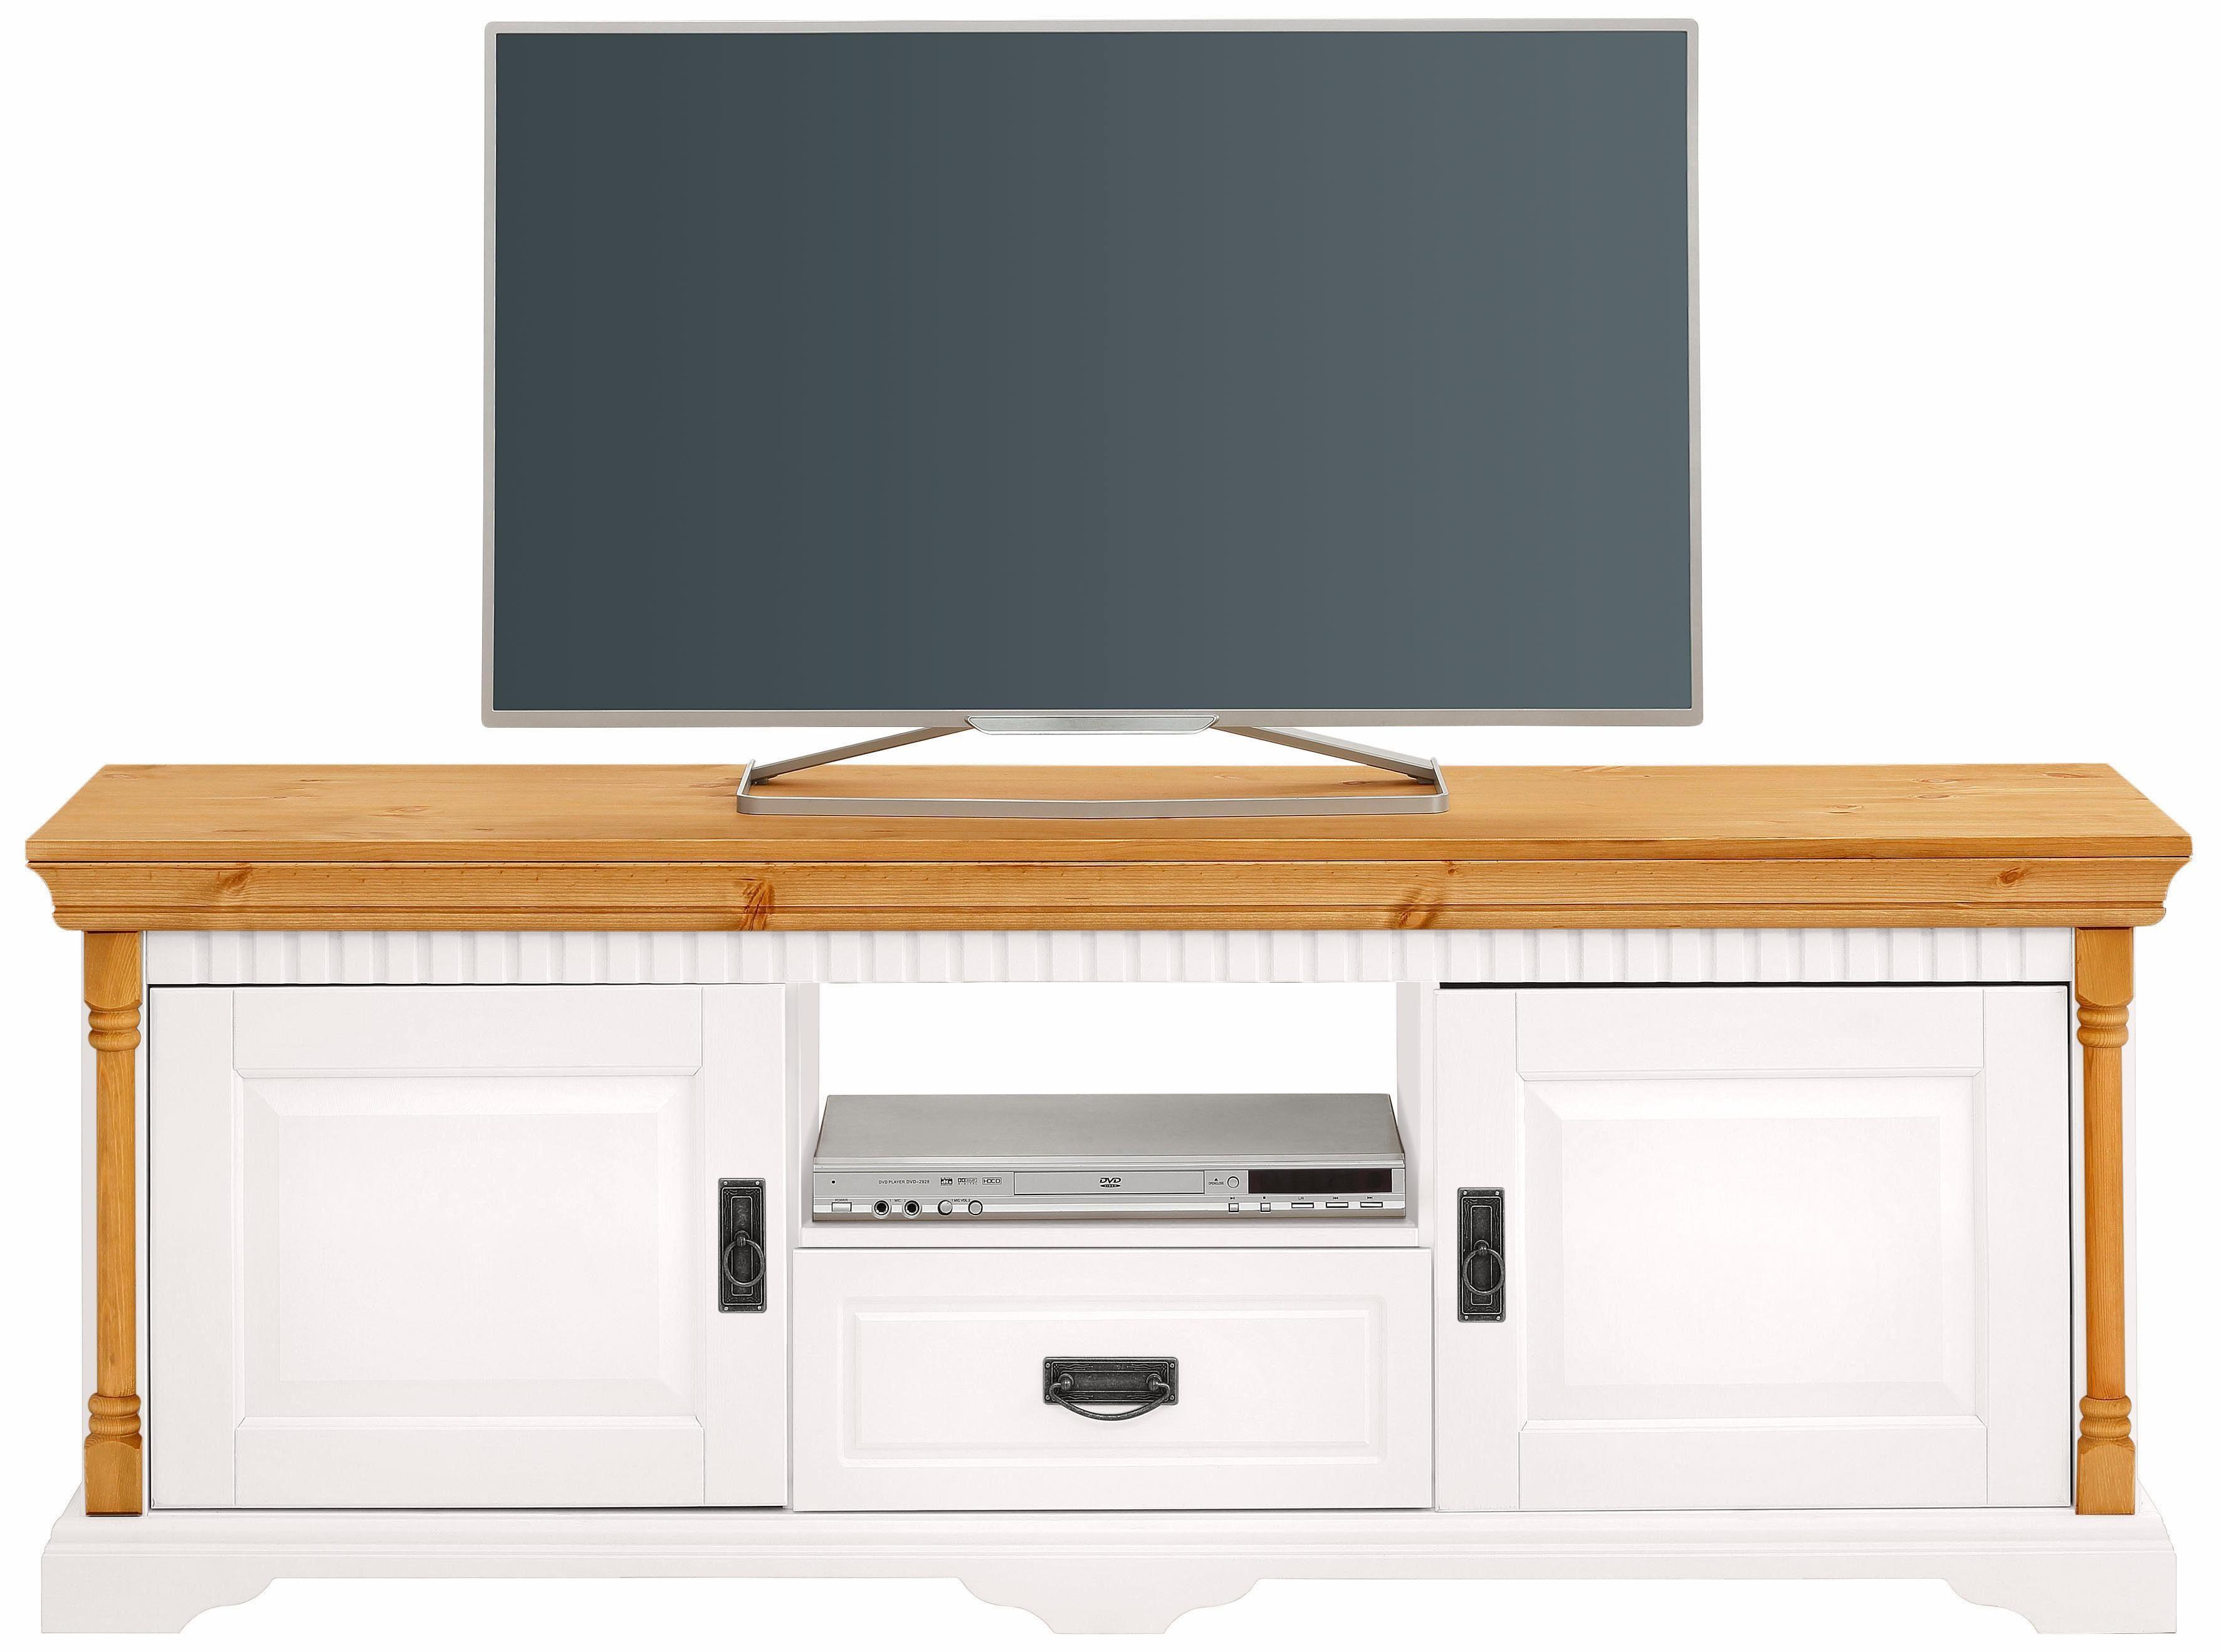 Tv Meubel Afmetingen : Home affaire tv meubel graz« in afmetingen online verkrijgbaar